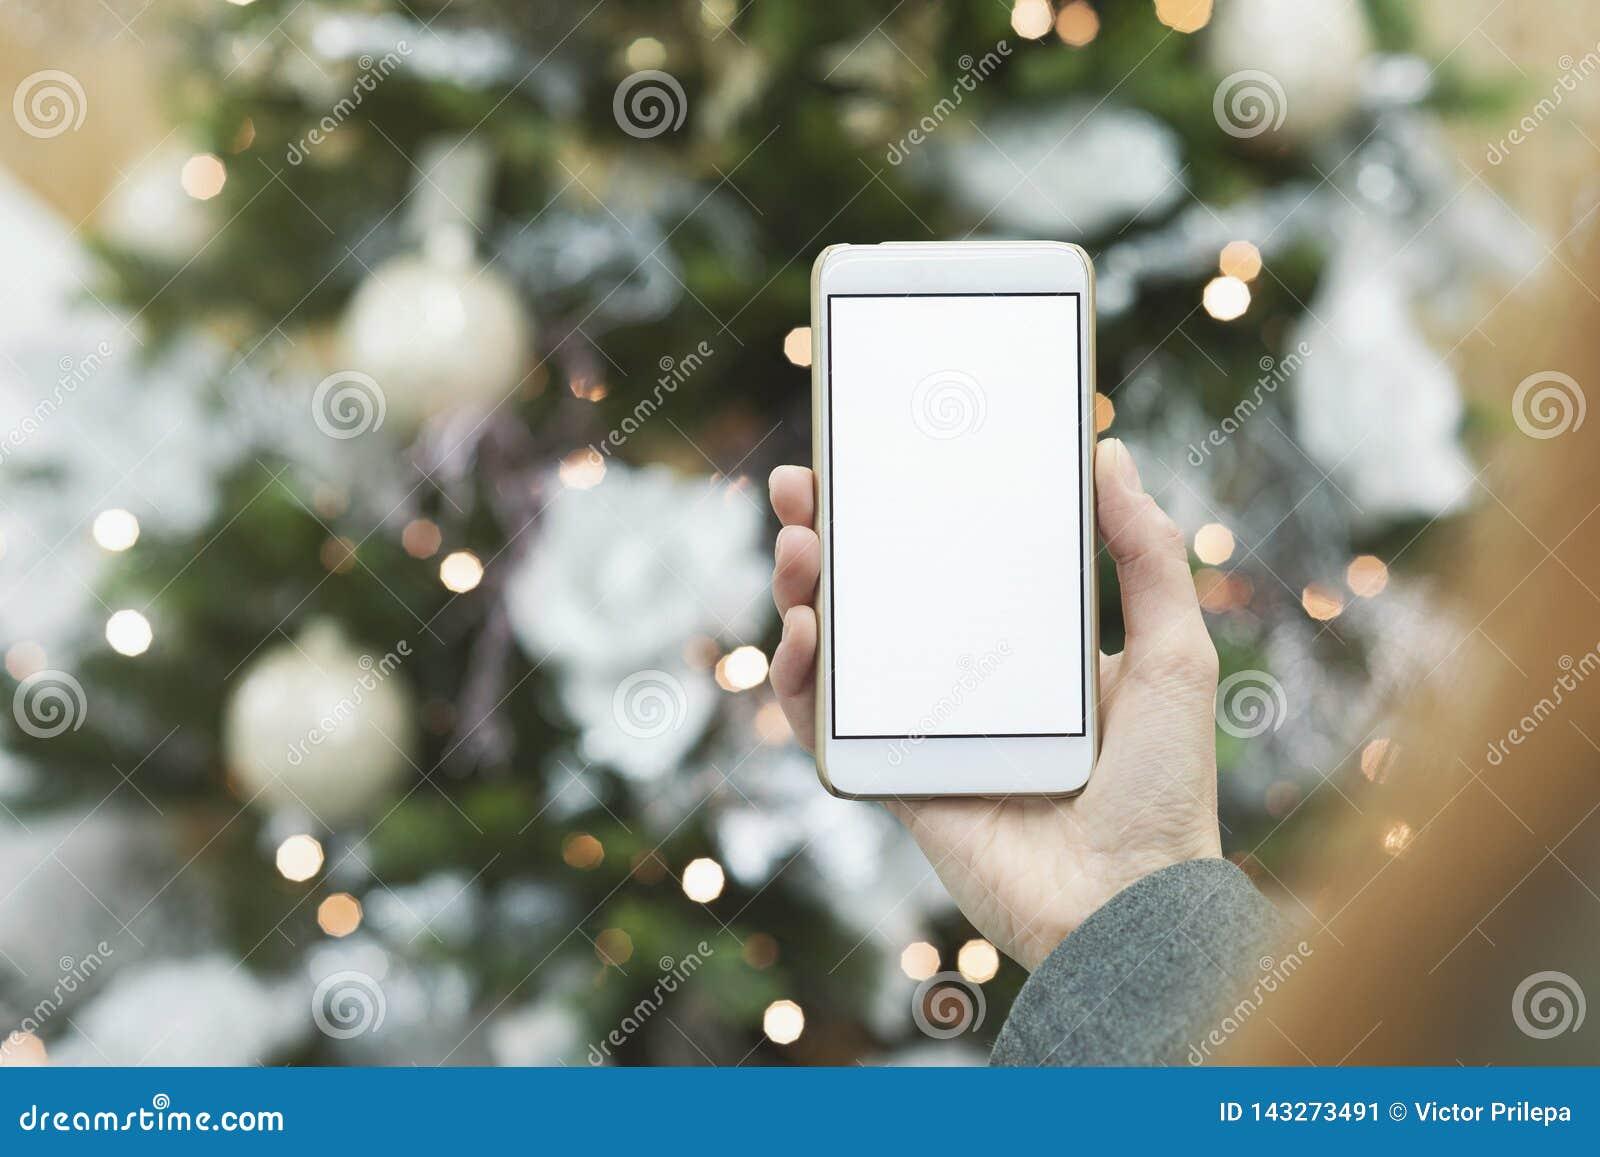 Wyśmiewa w górę smartphone w ręce dziewczyna na tle choinka z świąteczną dekoracją